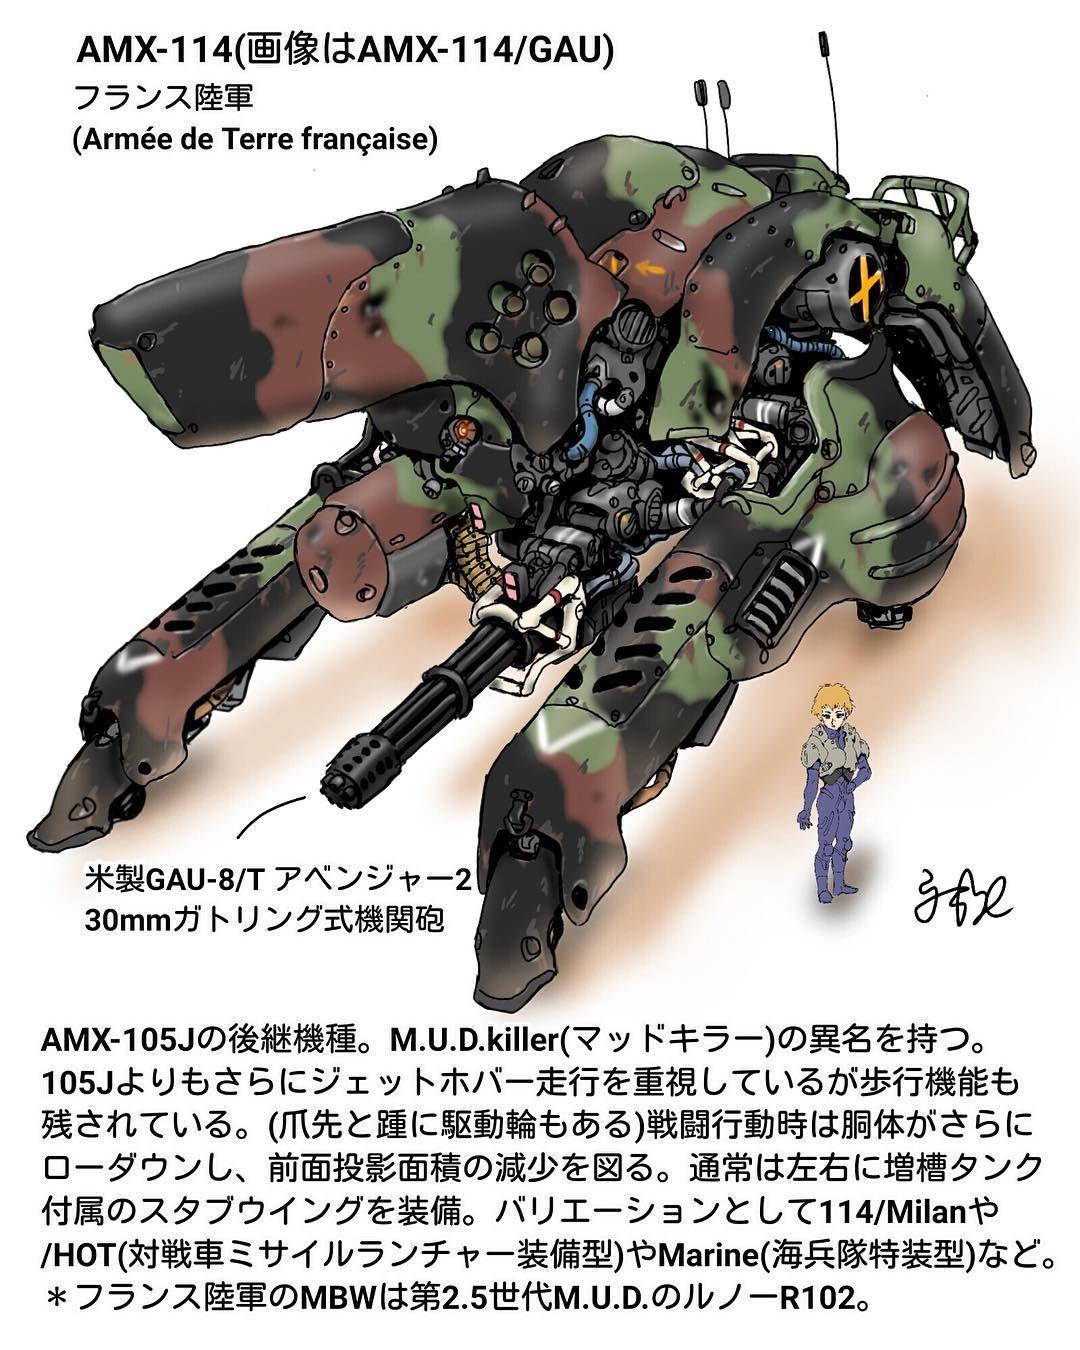 ふう完成です迷彩は仏戦車ルクレールのパクりです毎度ですが下描きは